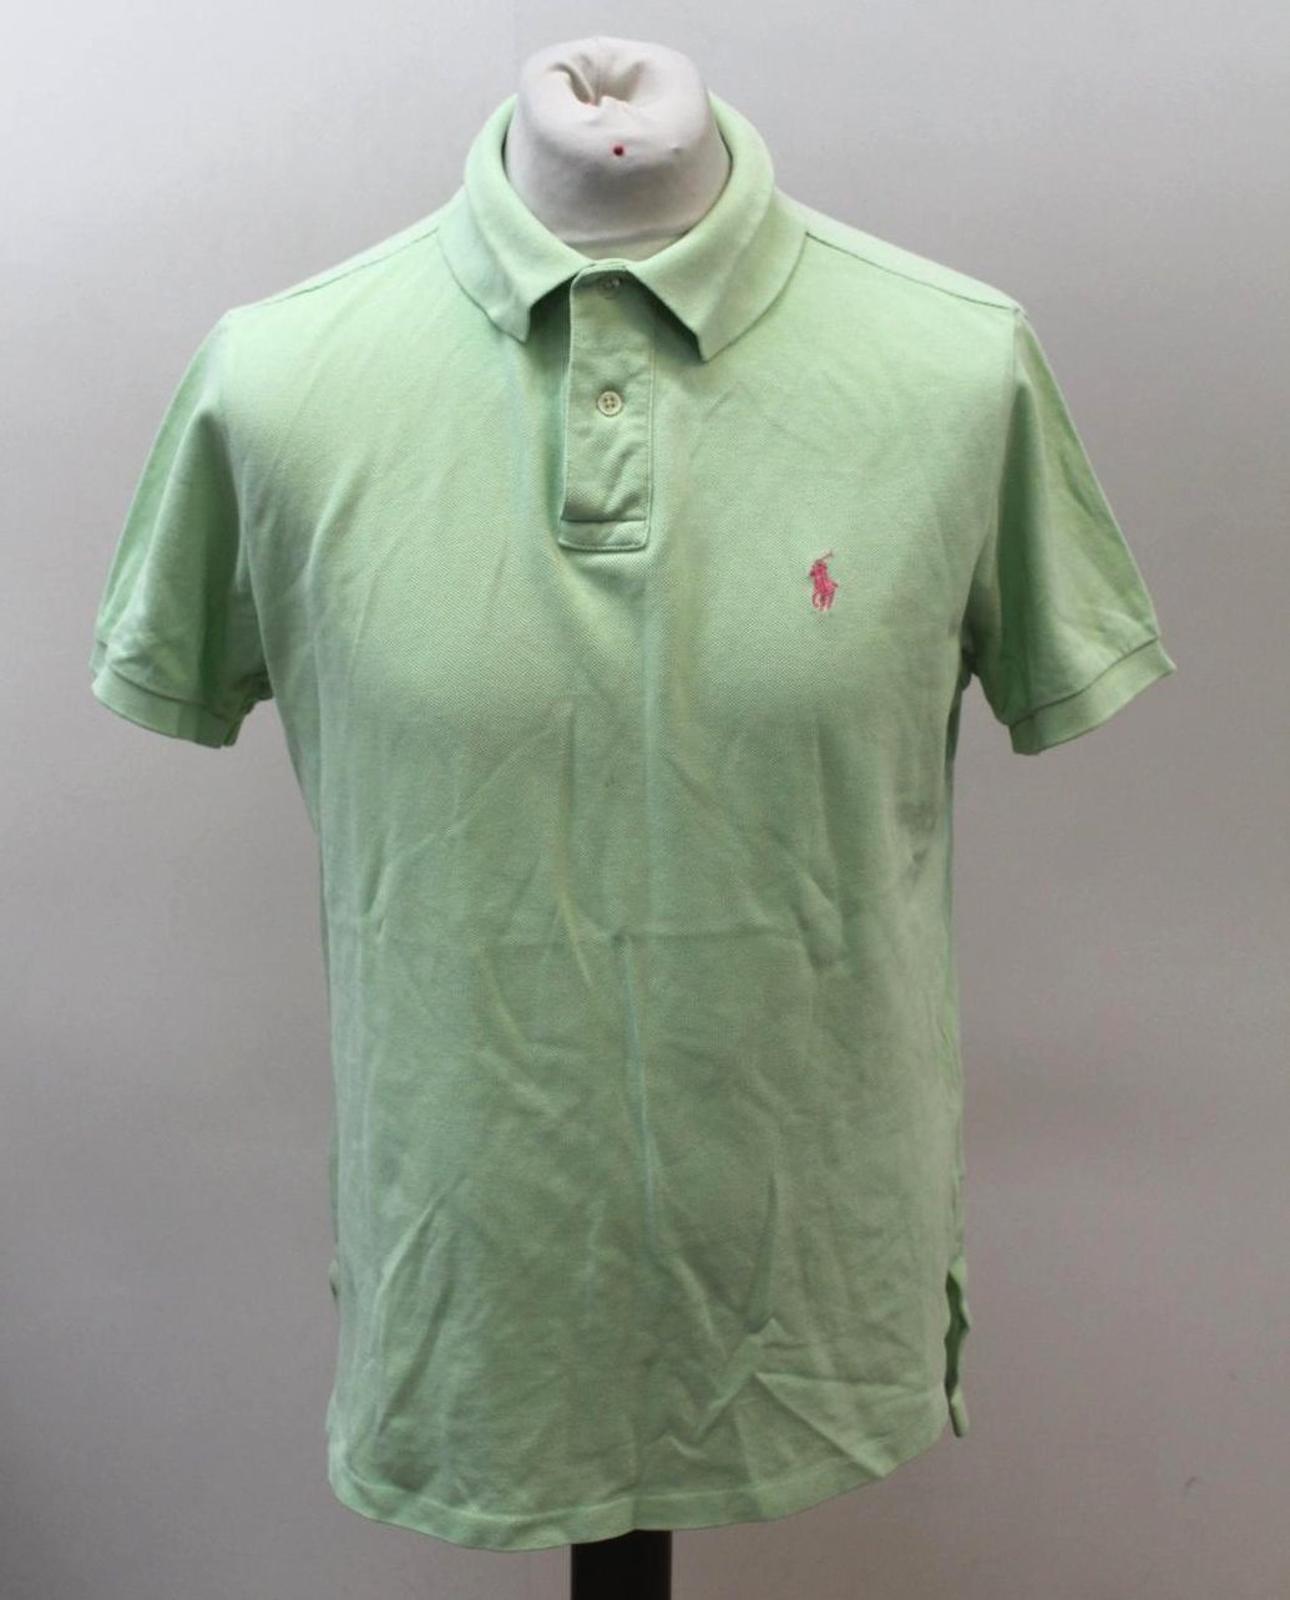 Polo-by-Ralph-Lauren-Hombre-Verde-De-Algodon-Manga-Corta-Con-Cuello-Camisa-Polo-Talla-L miniatura 12